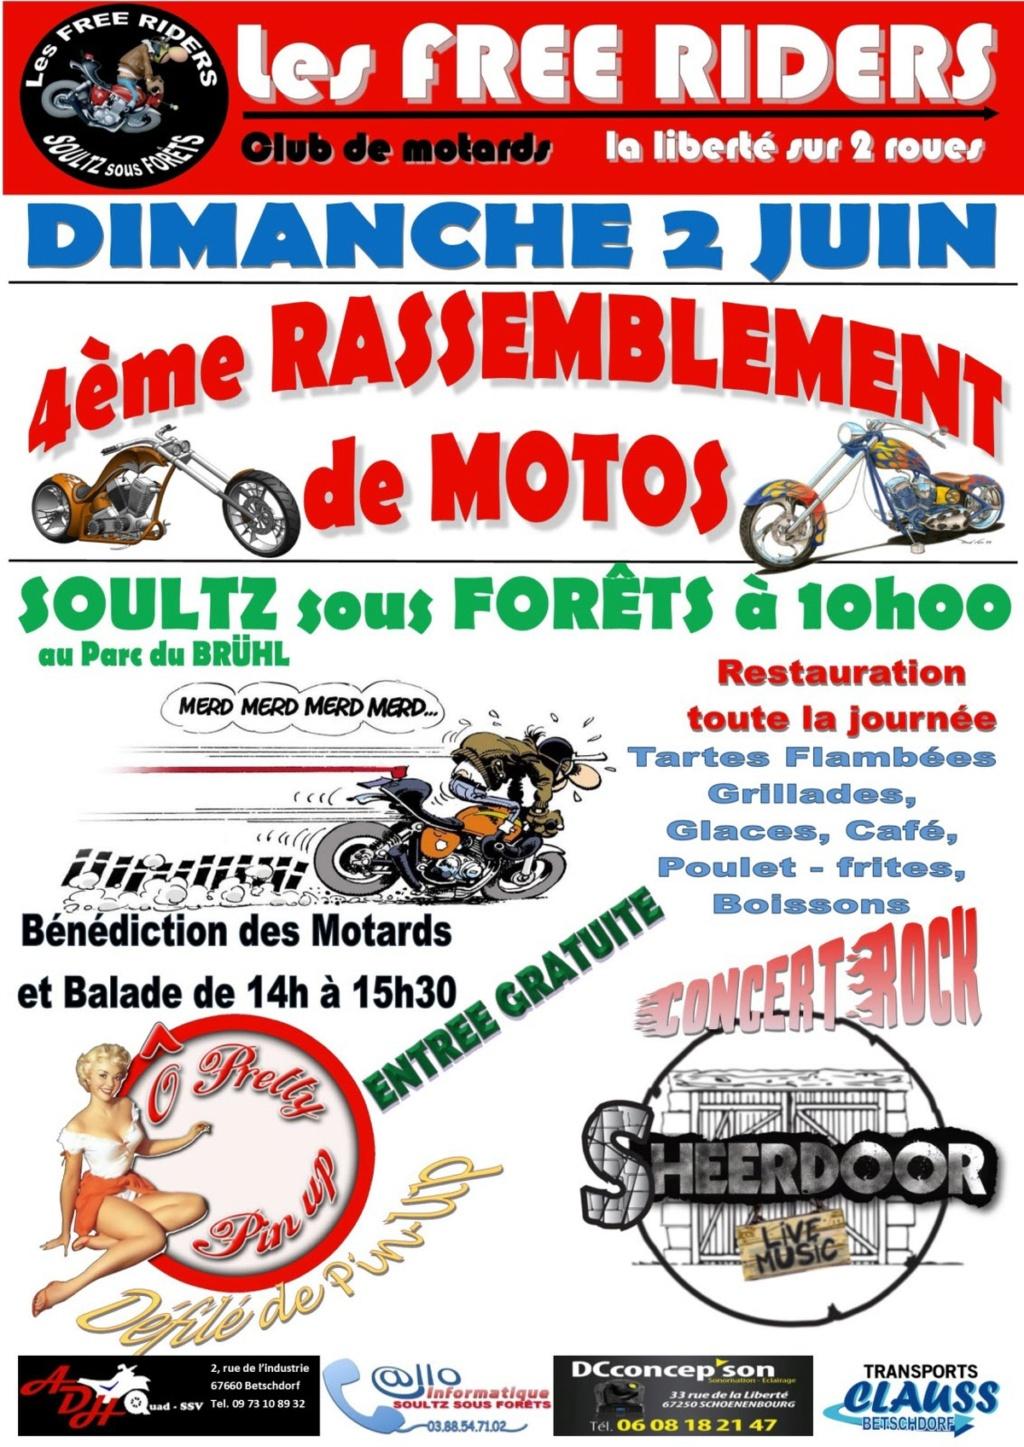 MANIFESTATION - Rassemblement - Dimanche 2 Juin 2019 -Soultz sous Forets  Illust19